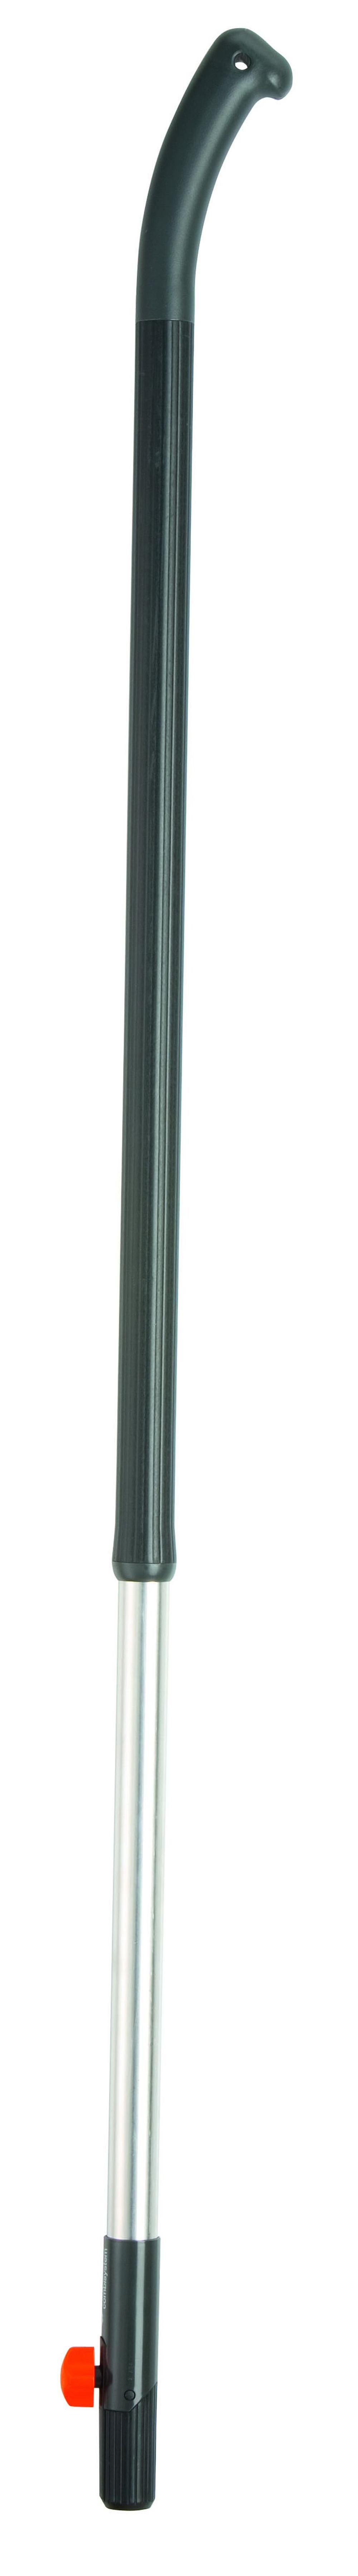 Рукоятка алюминиевая 130 см